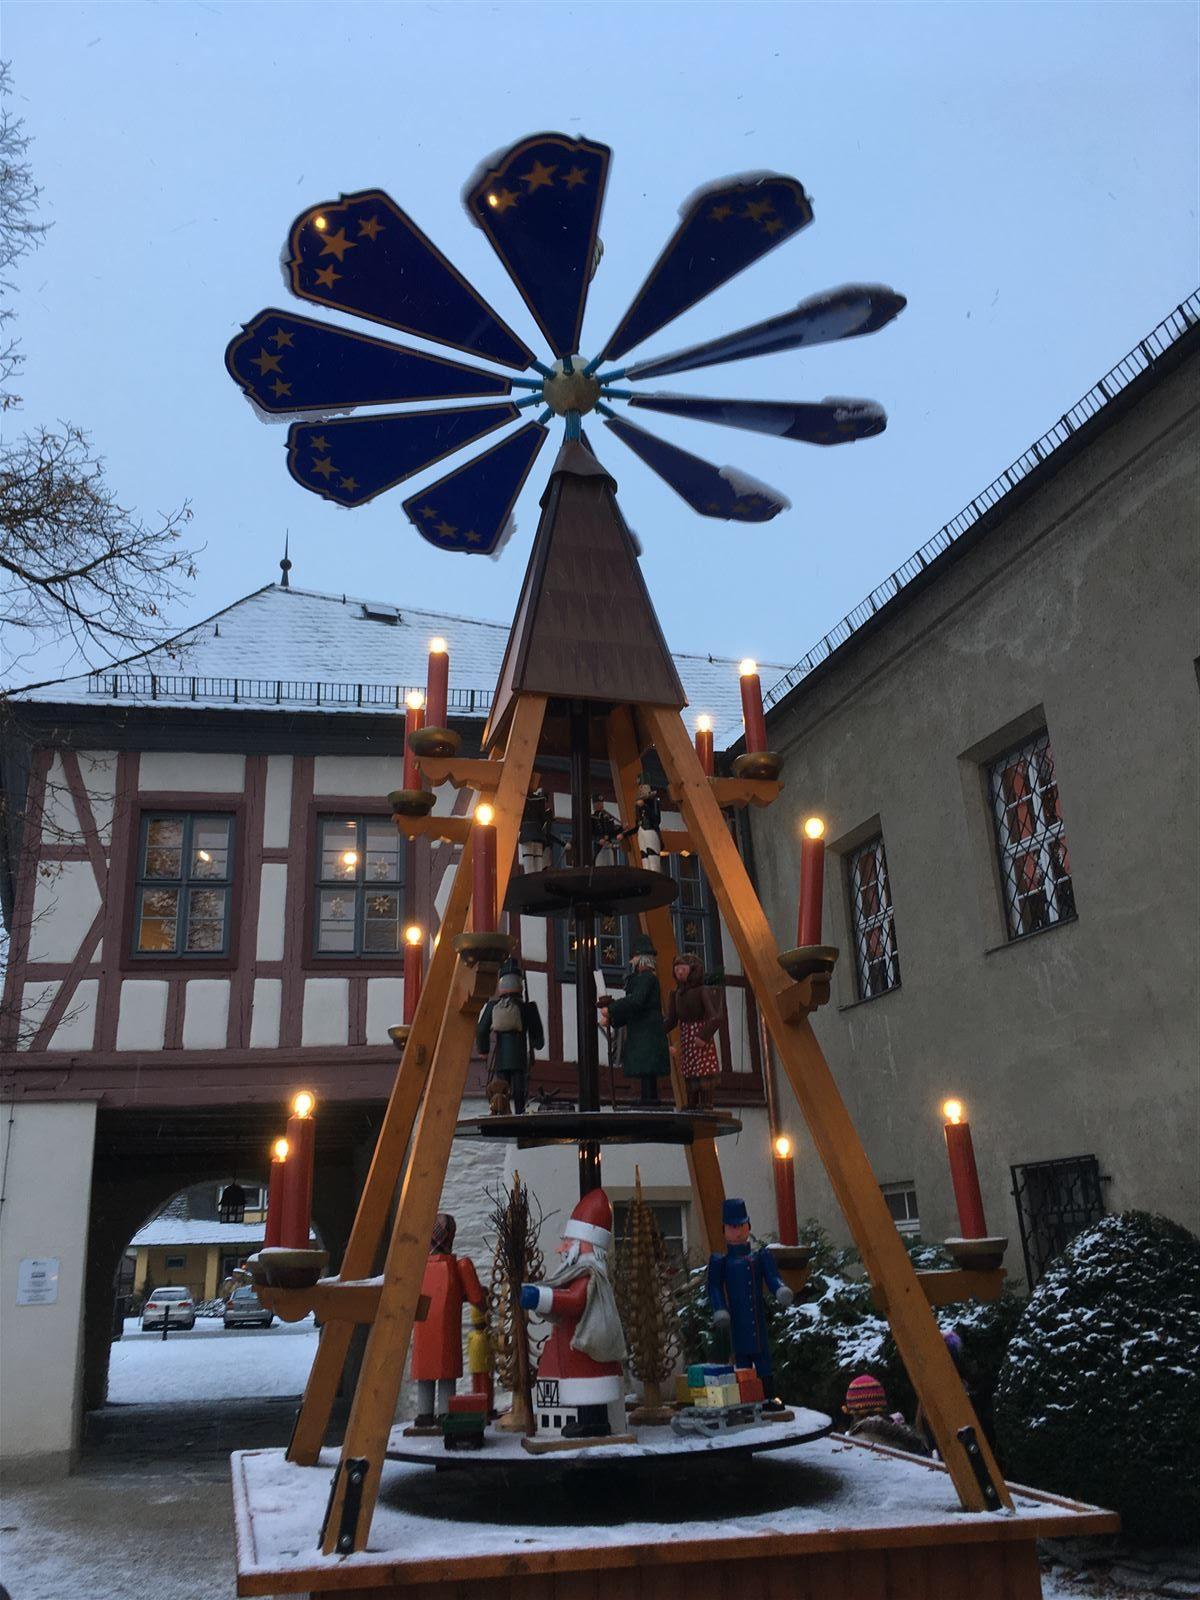 Ausflug Sachsen - Die Pyramide in Rodewisch steht während der Weihnachtsausstellung auf der Schlossinsel